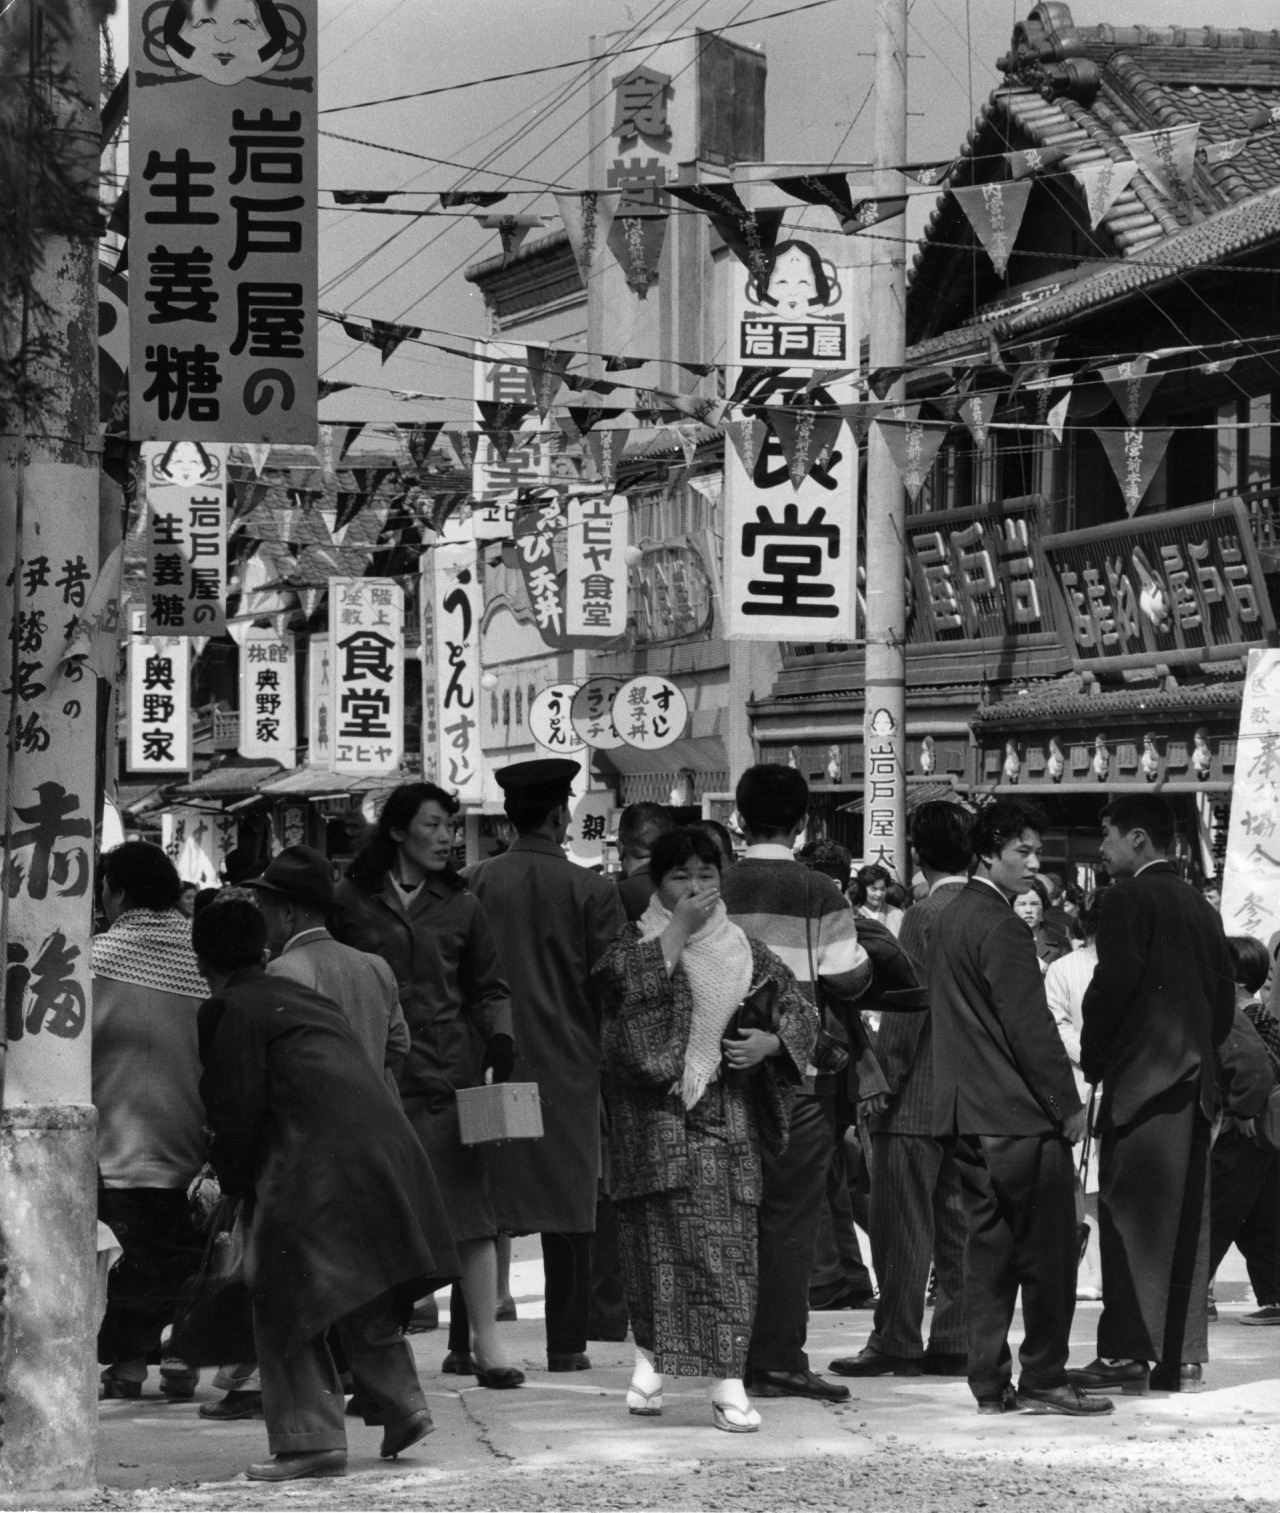 Fotó: Paul Almásy: Tokiói utcasarok, Japán, 1960 körül, 35,6 x 30 cm, zselatinos ezüst, Magyar Fotográfiai Múzeum